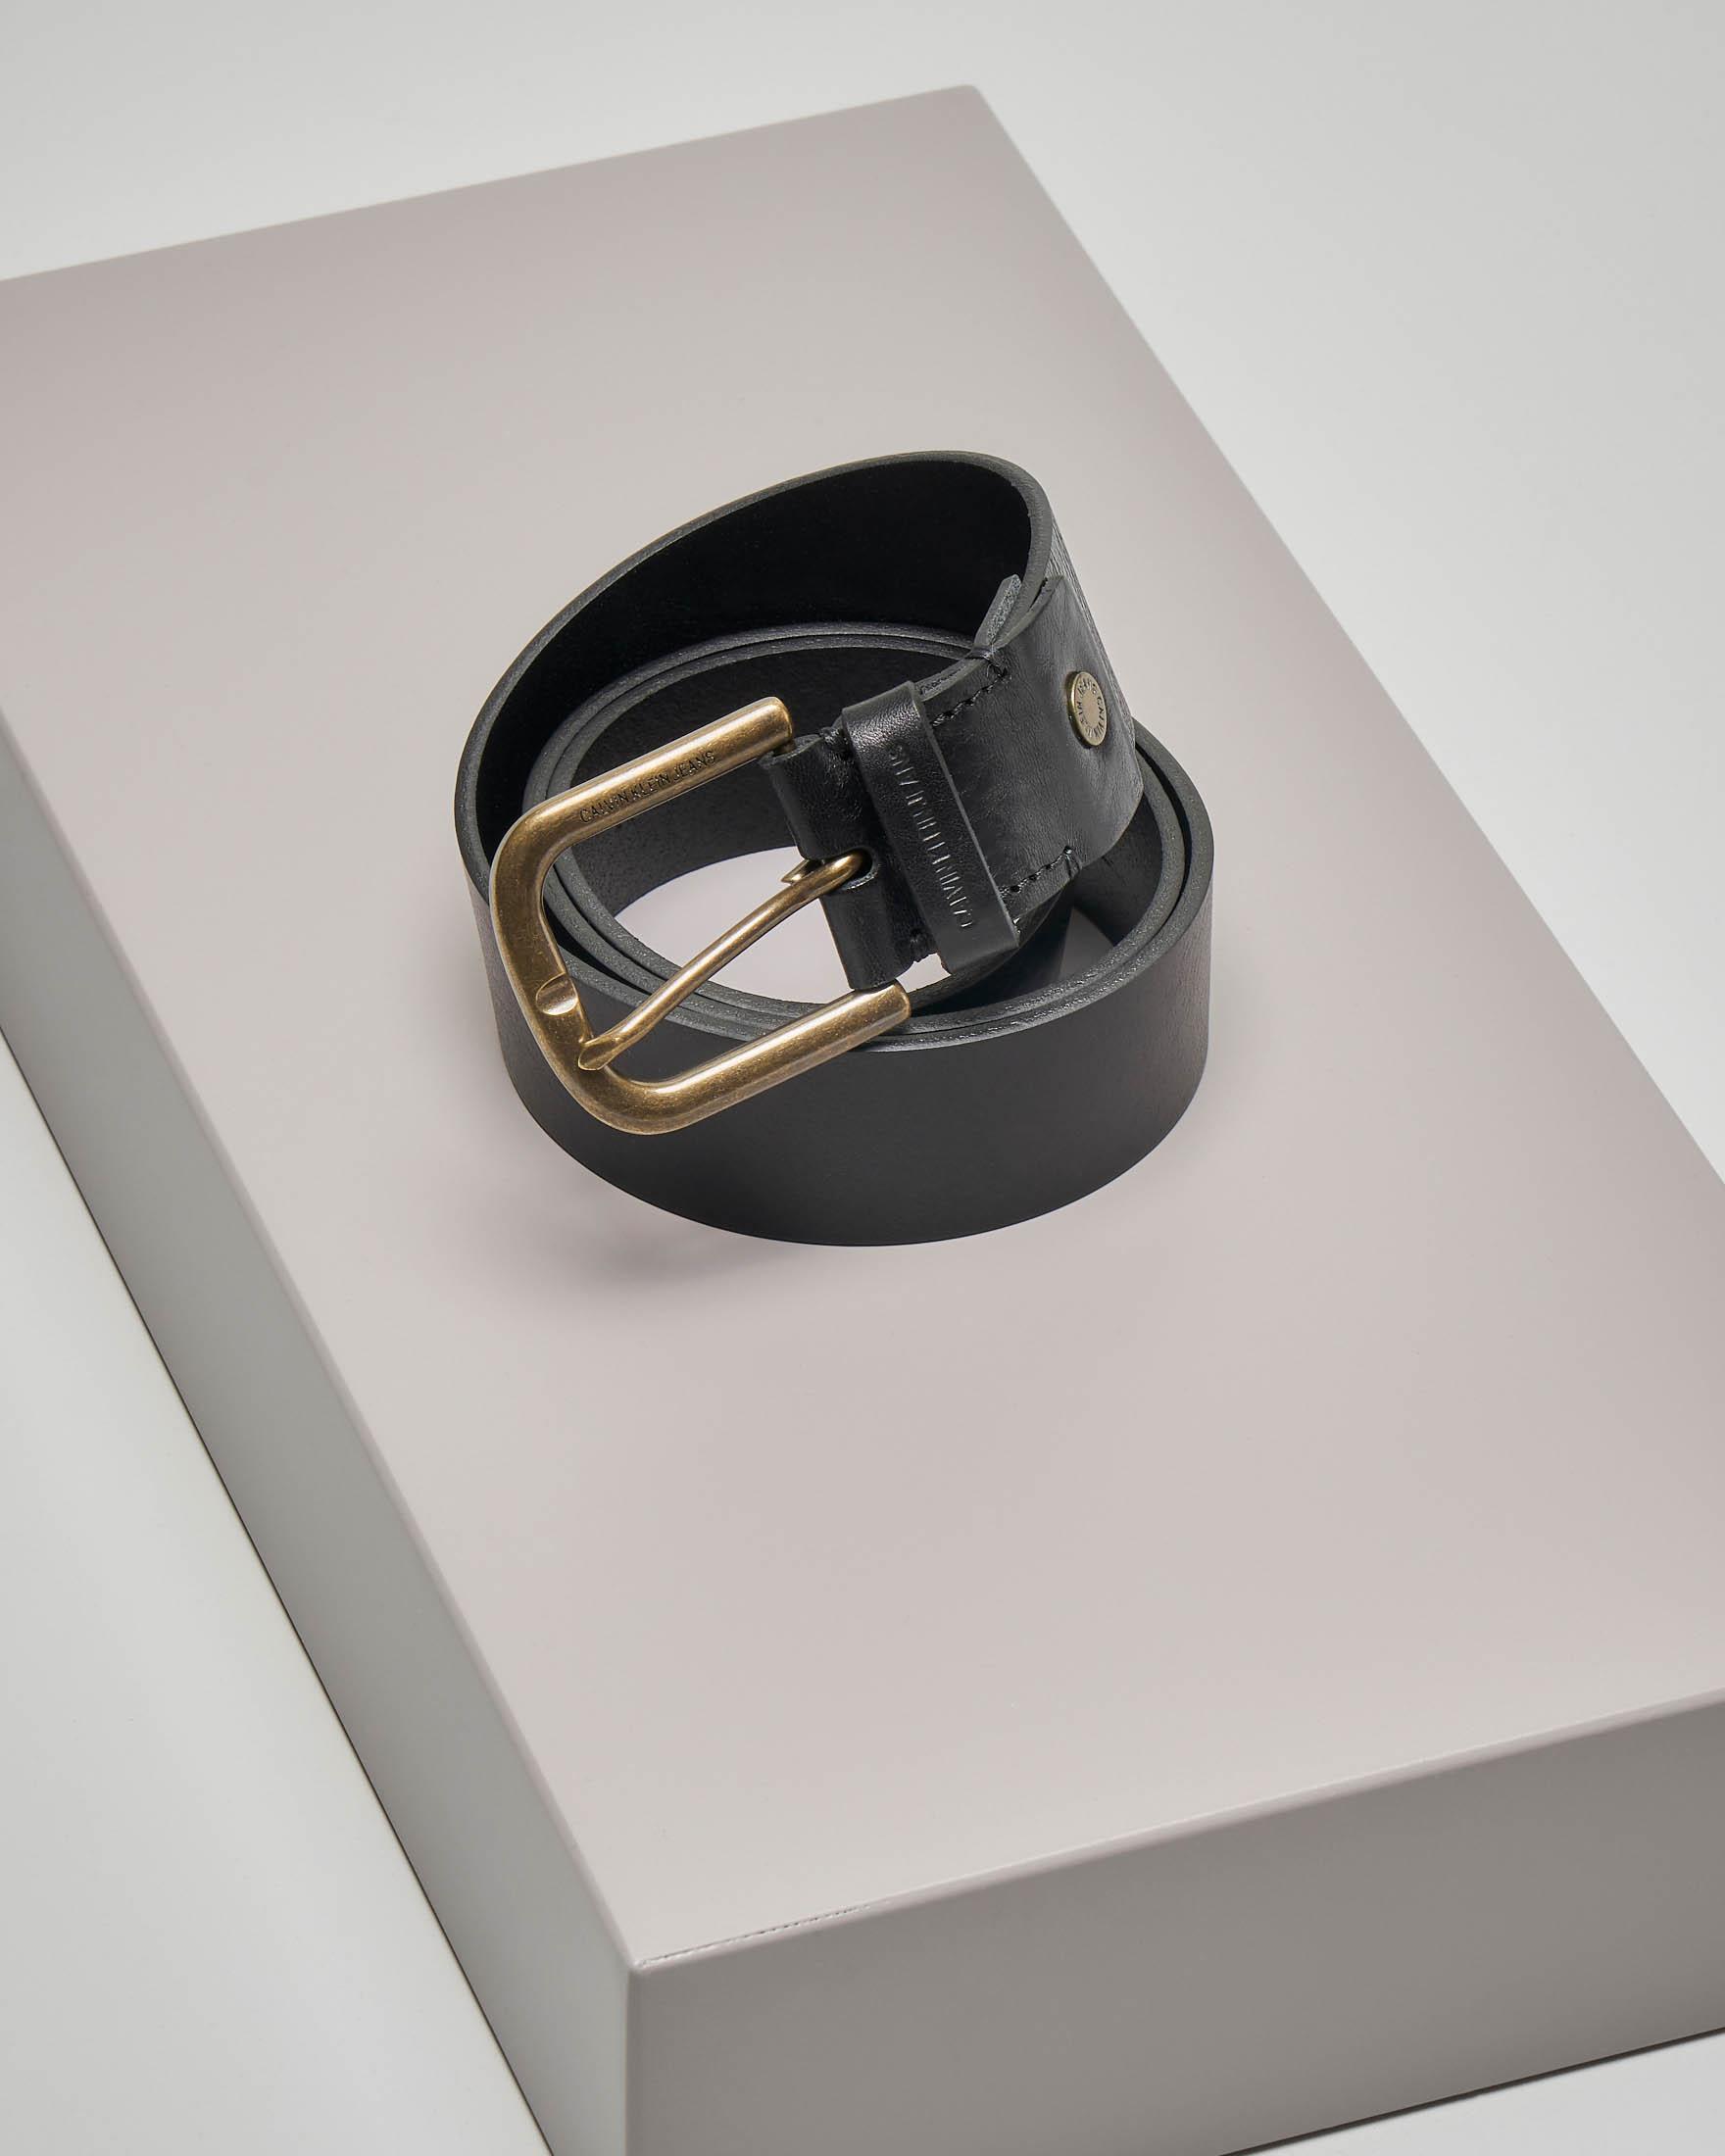 Cintura nera in pelle con fibbia in metallo brunita e passante logato